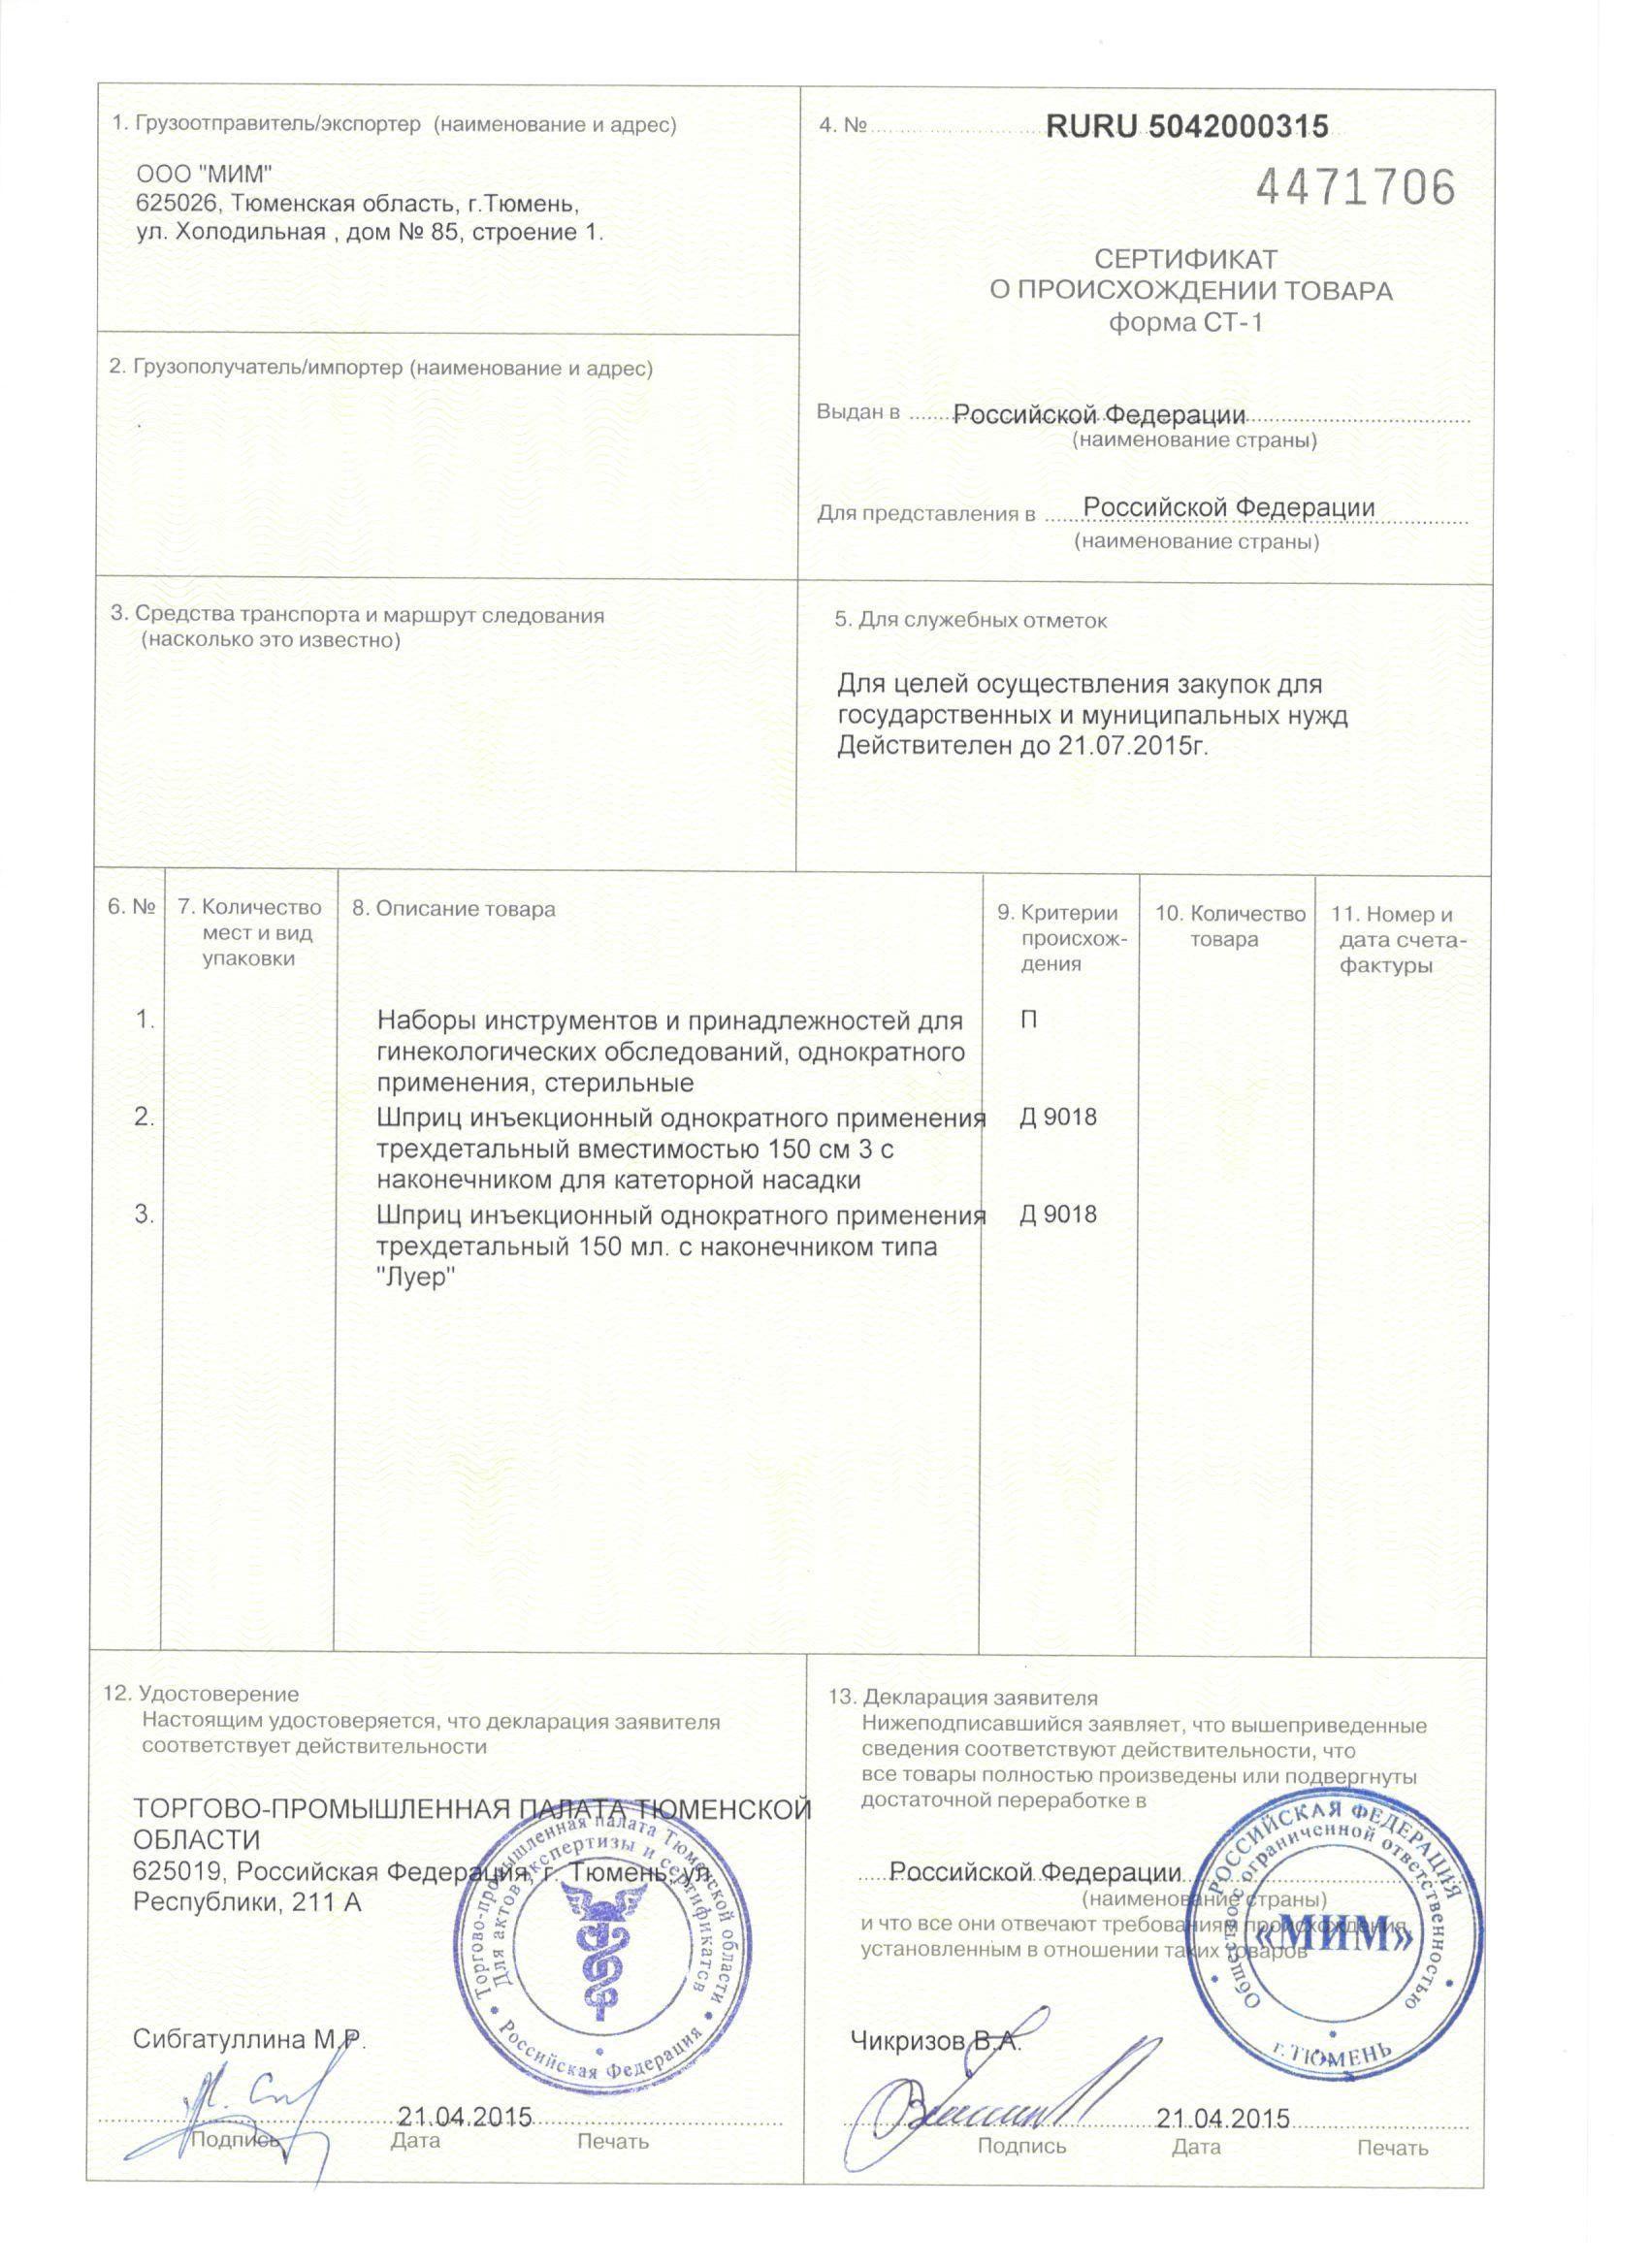 Образец сертификата происхождения ст-1 2020 | скачать форму, бланк